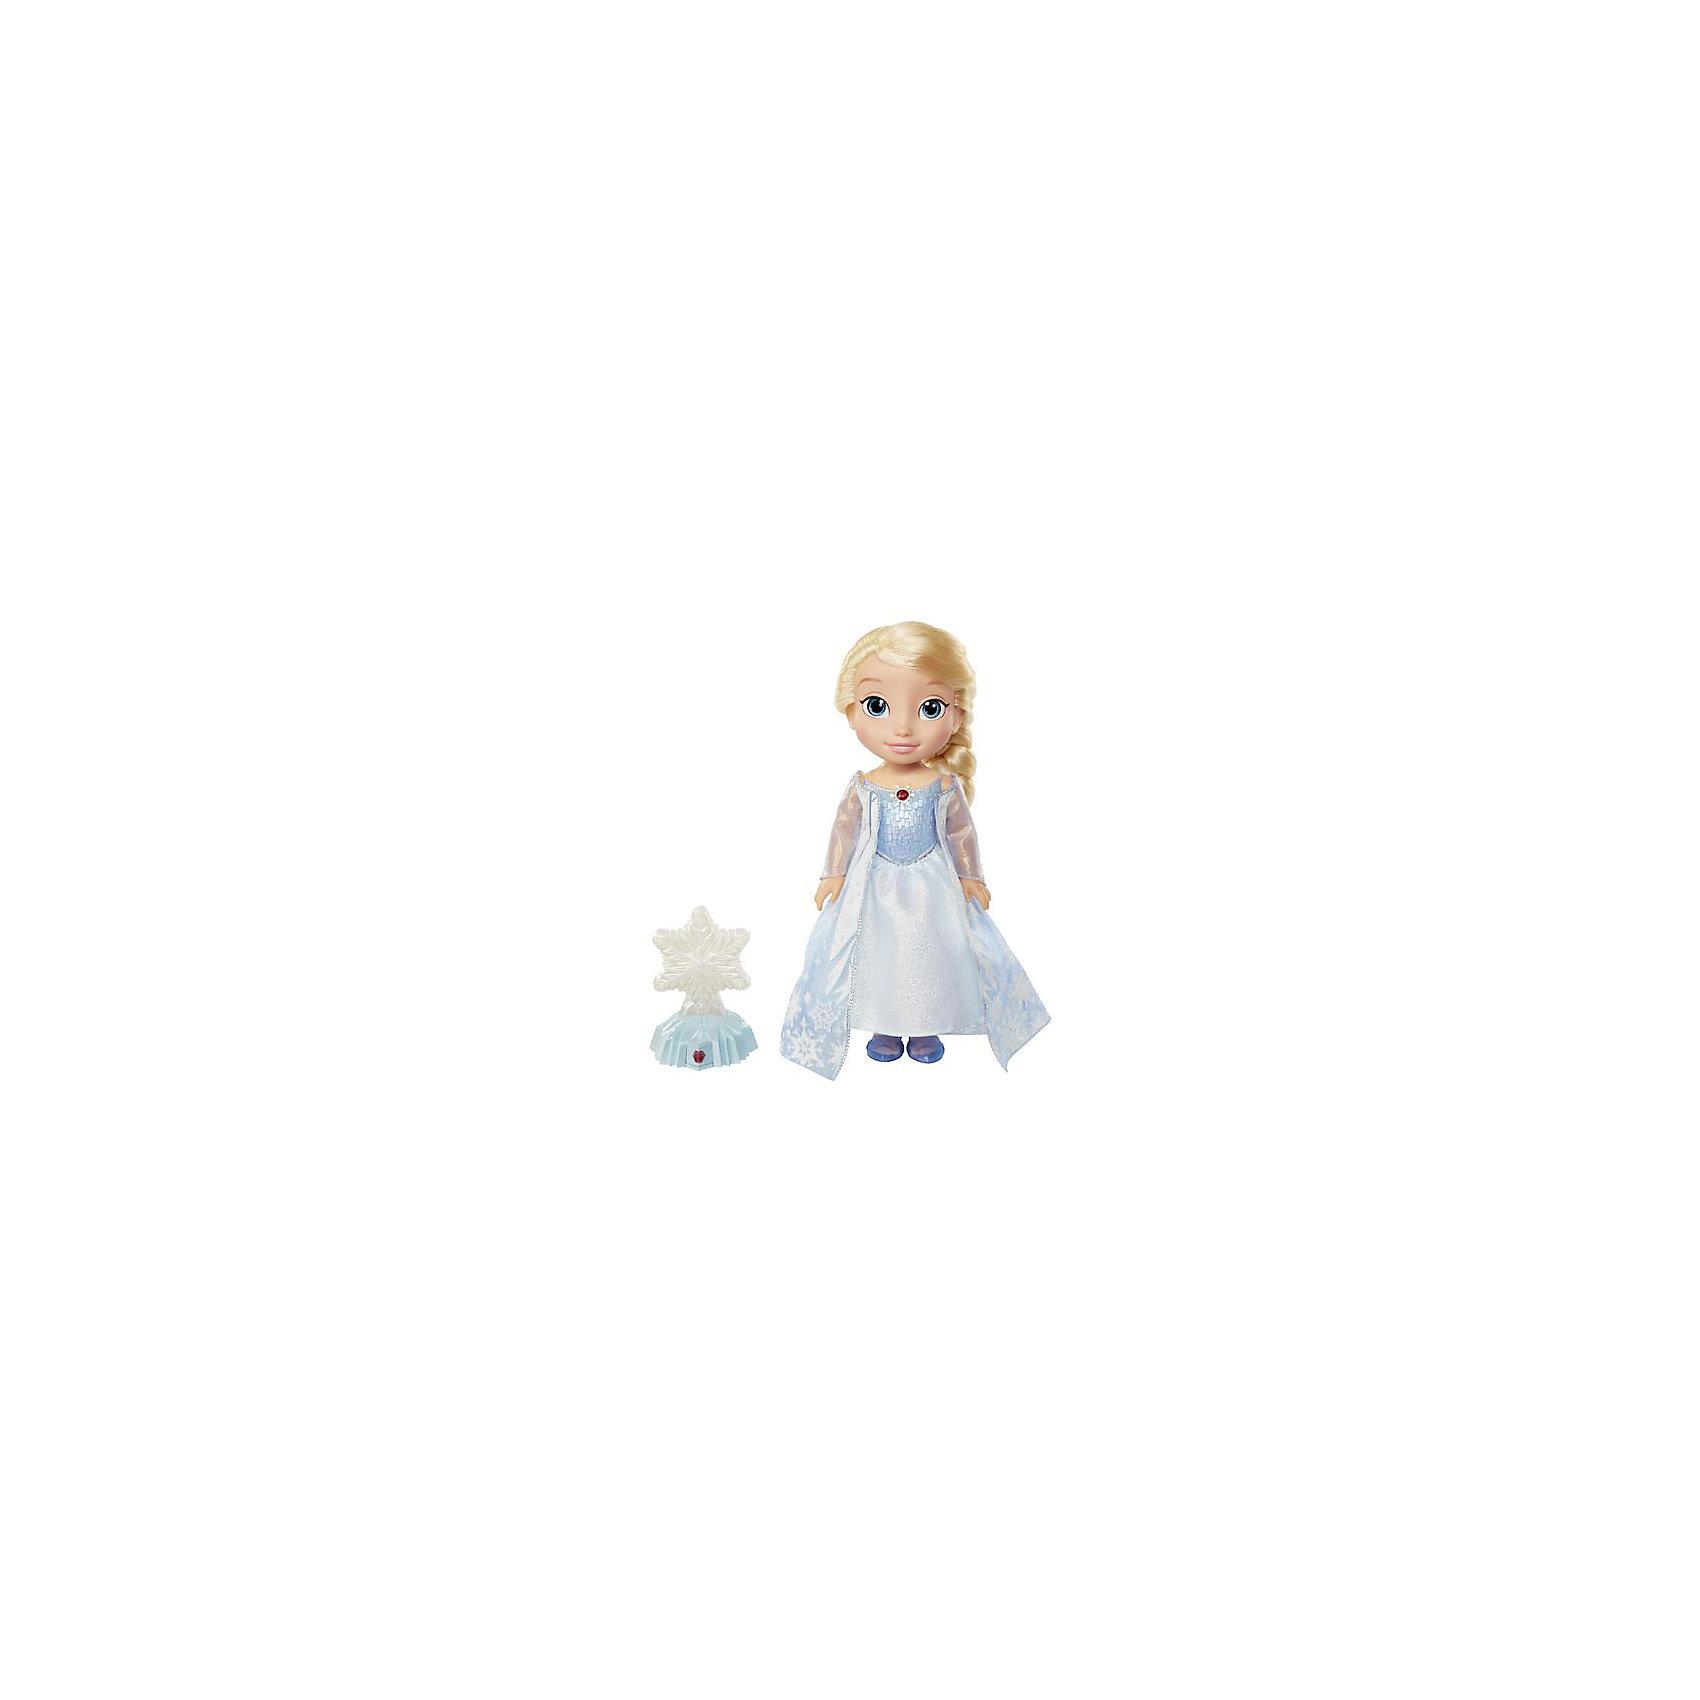 Кукла Эльза Северное сияние Холодное сердце, функциональнаяИнтерактивные куклы<br>Функциональная кукла Эльза Северное сияние, Холодное Сердце.<br><br>Характеристики:<br><br>• Размер куклы - 35 см.<br>• Снежинка меняет цвет.<br>• Цвет платья куклы зависит от цвета снежинки<br>• В комплекте – кукла, снежинка на подставке<br><br>Кукла Эльза покажет настоящее зимнее волшебство! Девочка сама может поучаствовать в чуде - нужно нажать на амулет Эльзы и кнопочку на подставке со снежинкой. Теперь достаточно только провести рукой над снежинкой и она засияет разными цветами. Одновременно, платье куколки тоже изменится под цвет снежинки, раздадутся звуки волшебства. Эльза - отличный подарок для поклонниц Холодного Сердца и всех, верящих в чудеса! <br><br>Функциональную куклу Эльза Северное сияние, Холодное Сердце, можно купить в нашем интернет – магазине.<br><br>Ширина мм: 300<br>Глубина мм: 380<br>Высота мм: 130<br>Вес г: 1300<br>Возраст от месяцев: 60<br>Возраст до месяцев: 2147483647<br>Пол: Женский<br>Возраст: Детский<br>SKU: 5163444